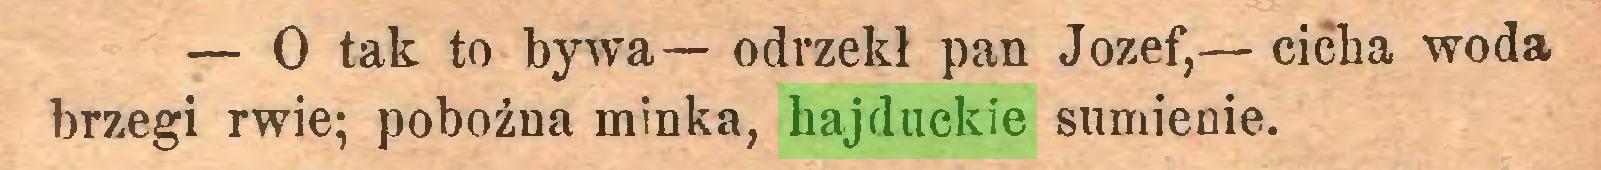 (...) — O tak to bywa— odrzekł pan Jozef,— cicha woda brzegi rwie; pobożna minka, hajduckie sumienie...